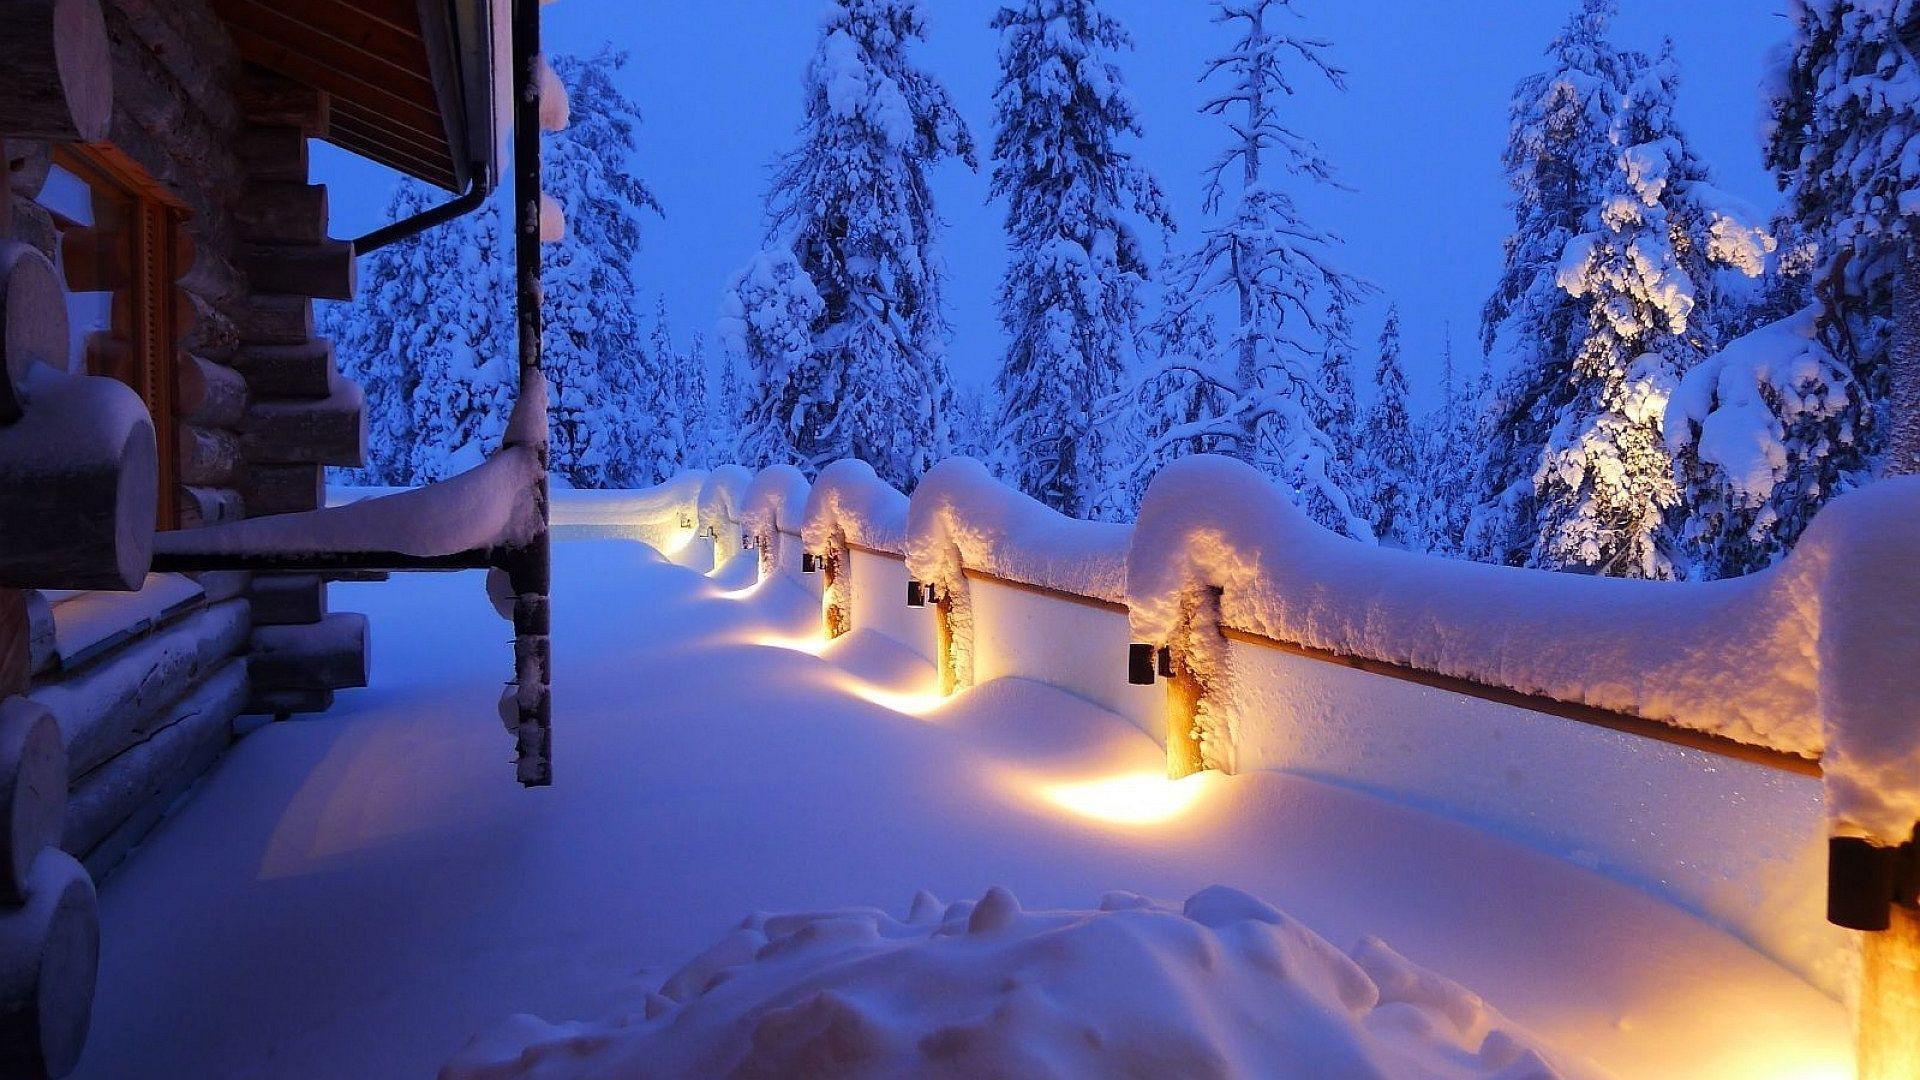 ảnh đại diện mùa đông